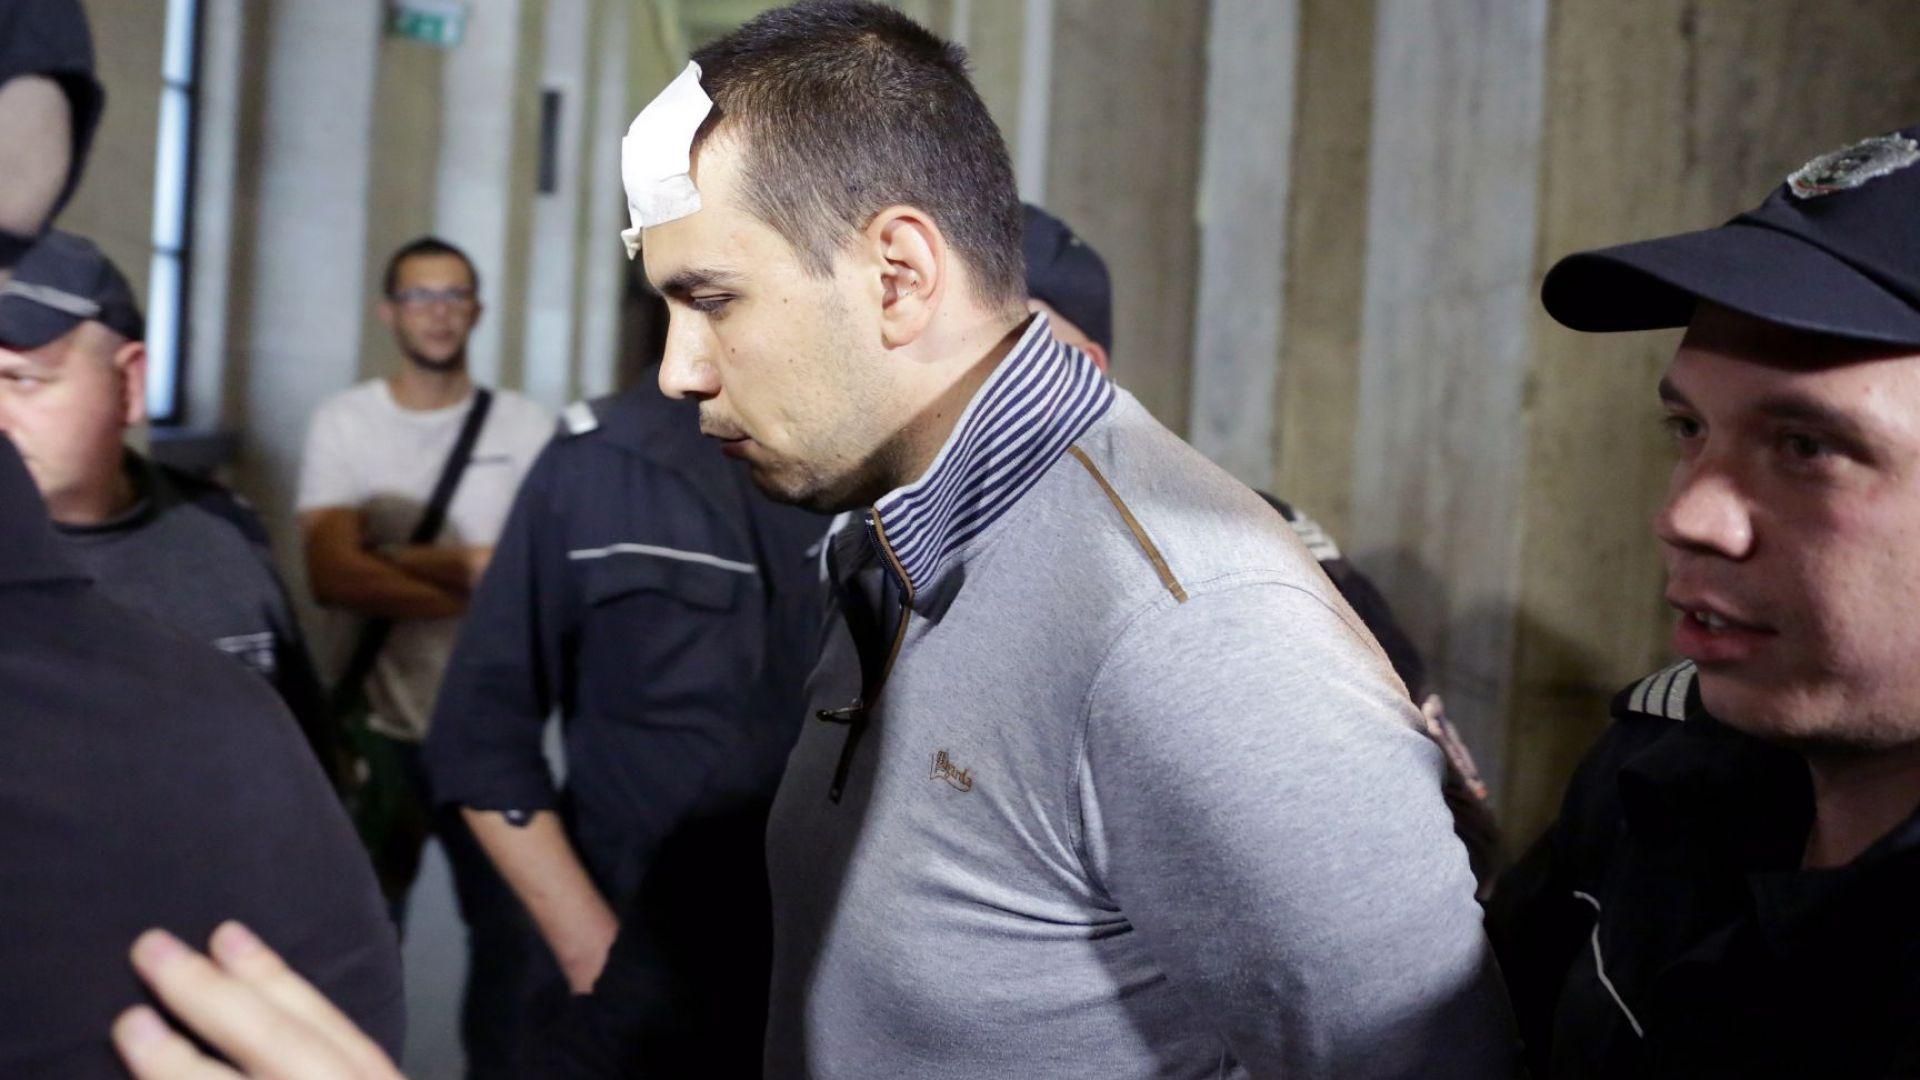 Викторио иска вкъщи, не се чувствал добре в килията. Съдът отказа (снимки)